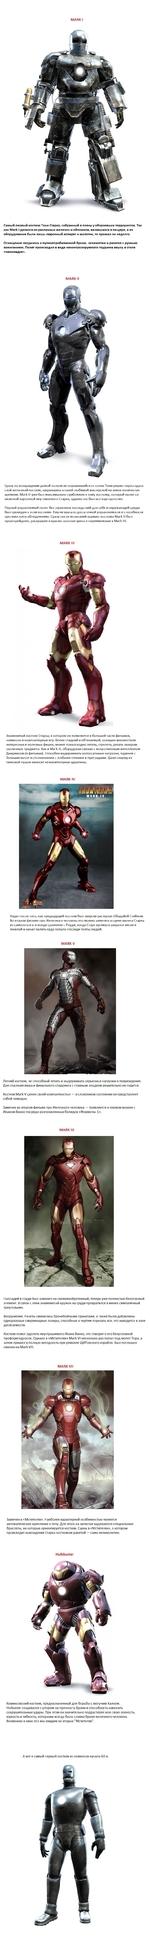 MARK I Самый первый костюм Тони Старка, собранный в плену у оборзевших террористов. Так как Mark I делался из различных железок и обломков, валявшихся в пещере, а из оборудования были лишь сварочный аппарат и молоток, то прожил он недолго. Оснащение сводилось к пуленепробиваемой броне, огнеметам